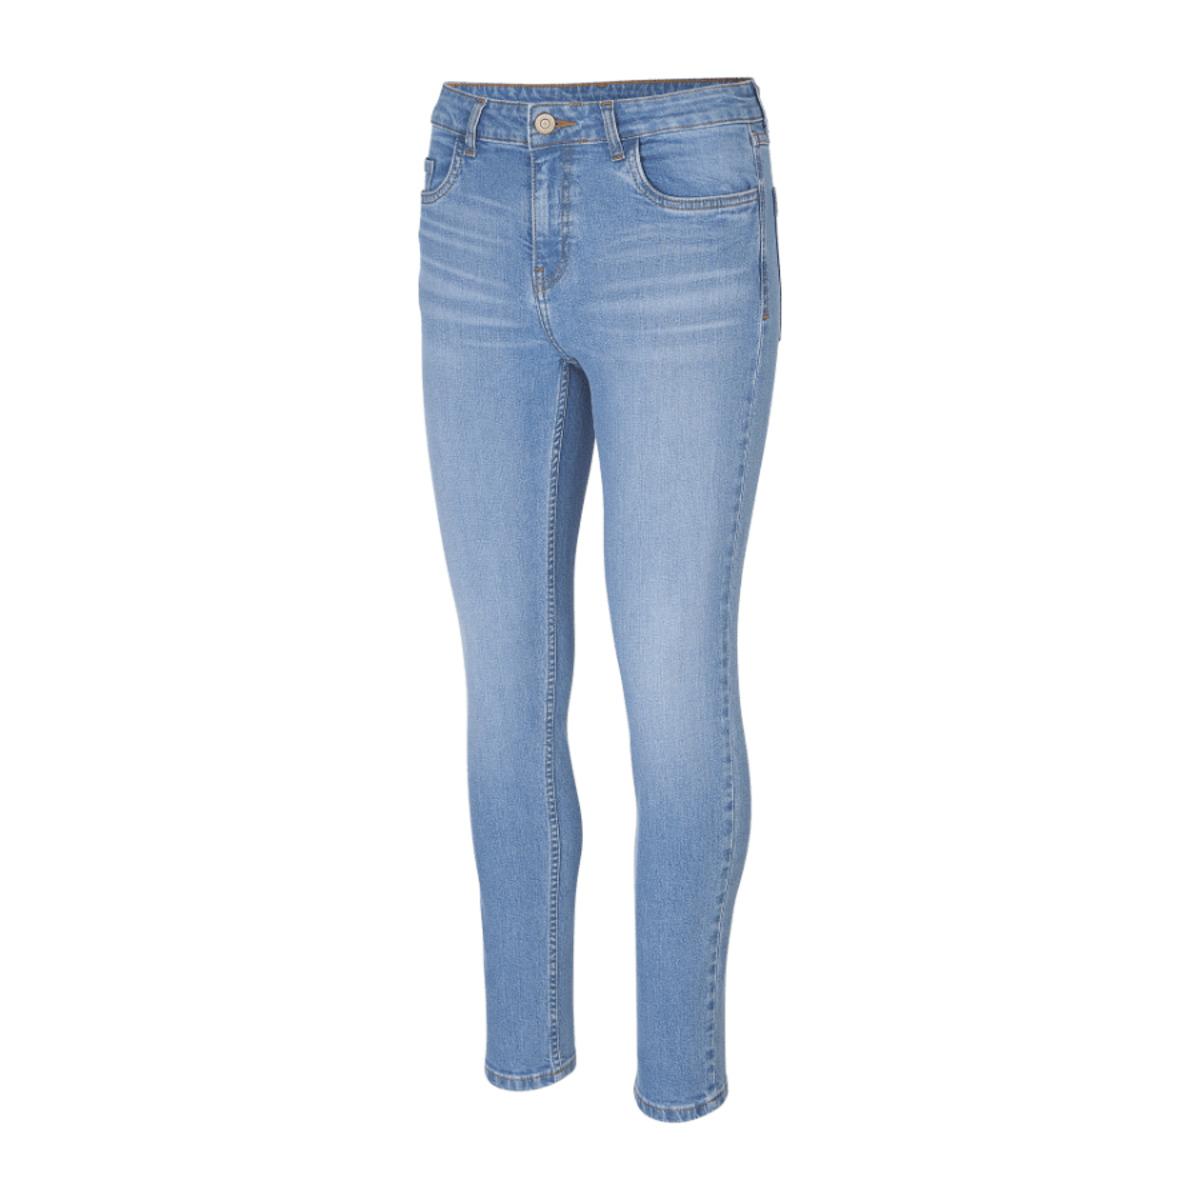 Bild 2 von UP2FASHION     Jeans, laser finished